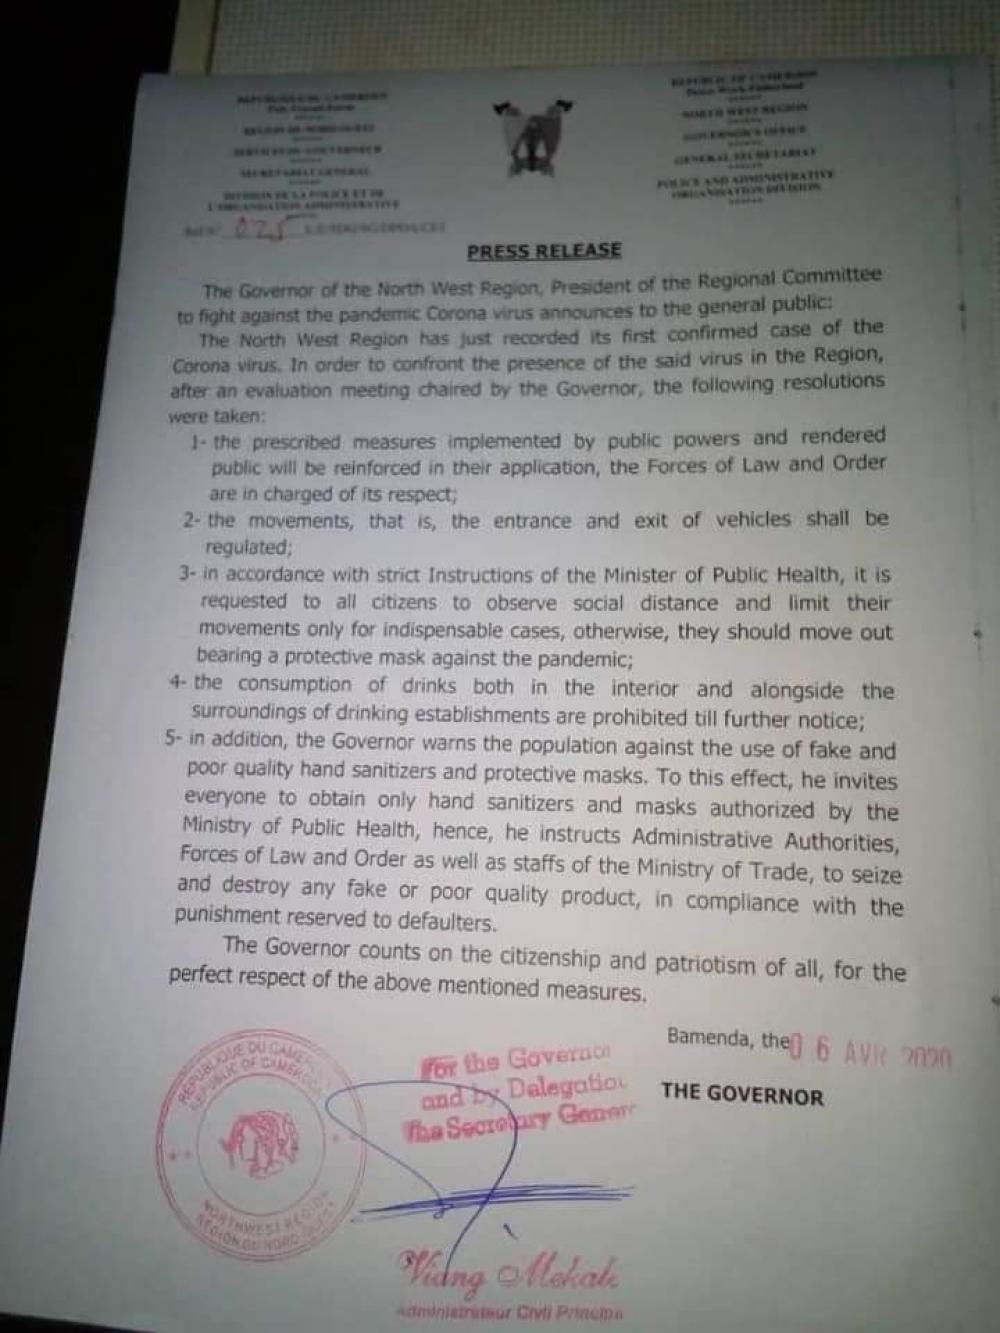 Bamenda Governor